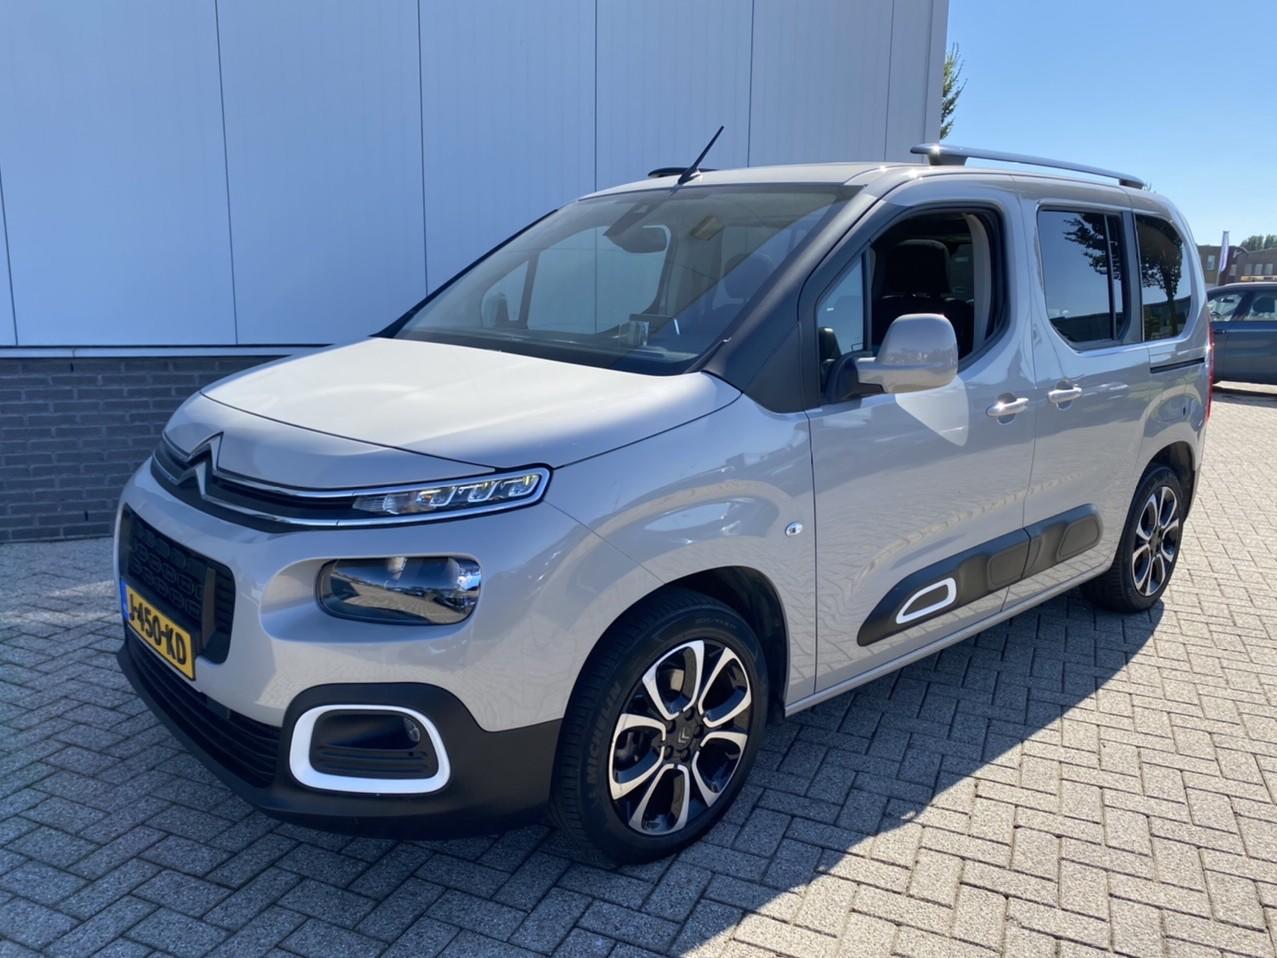 Citroën Berlingo 110 pk shine rijklaar prijs